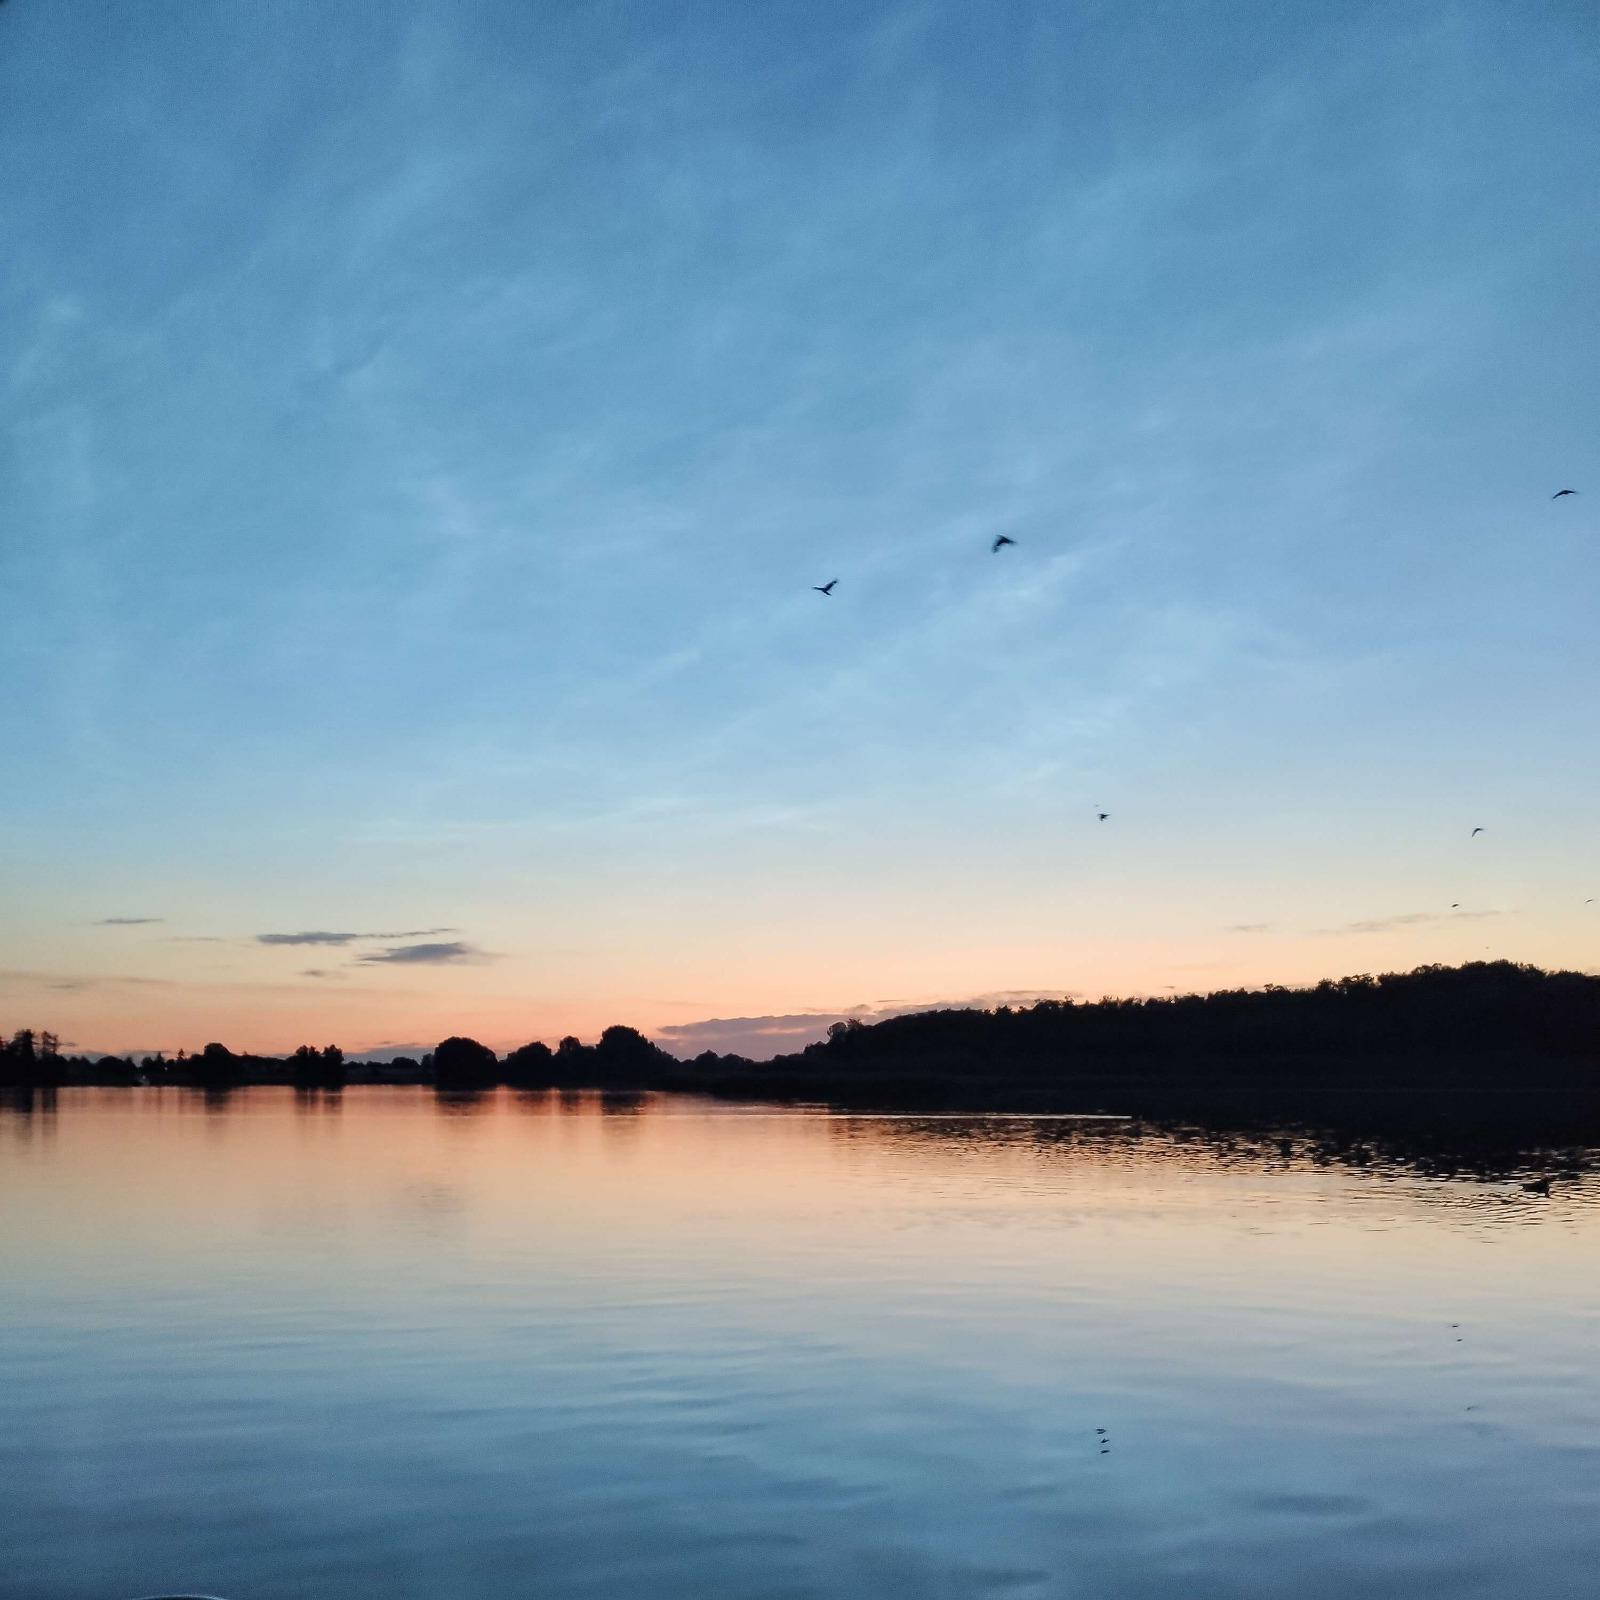 Den schönsten Sonnenuntergang von der Terrasse genießen